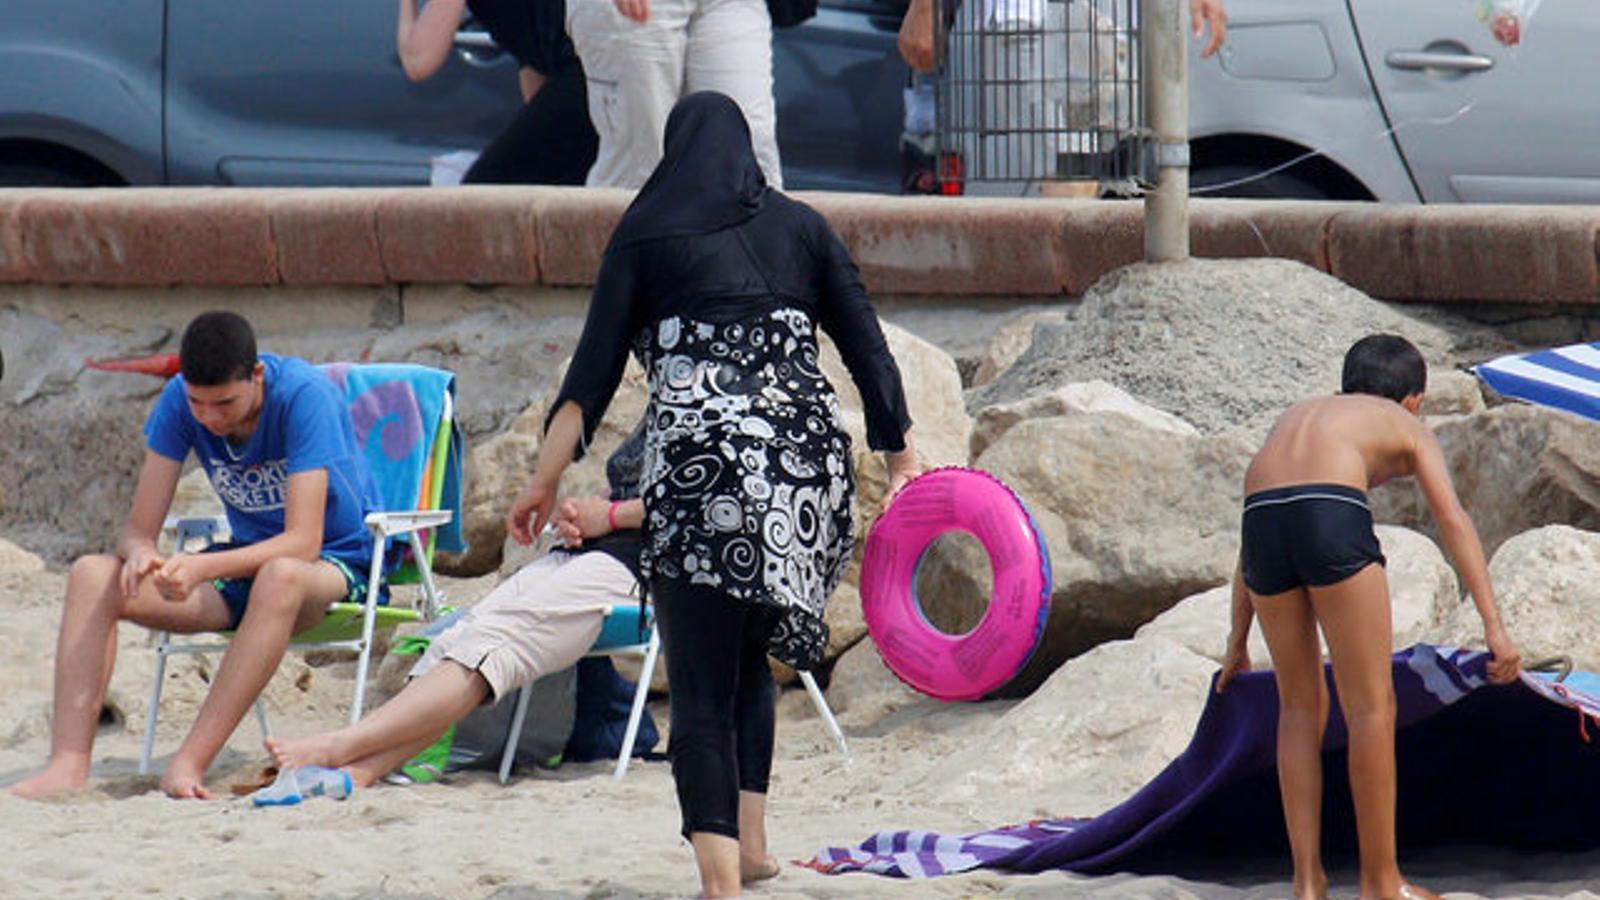 Una dona amb un burquini, en una imatge d'arxiu, en una platja francesa.